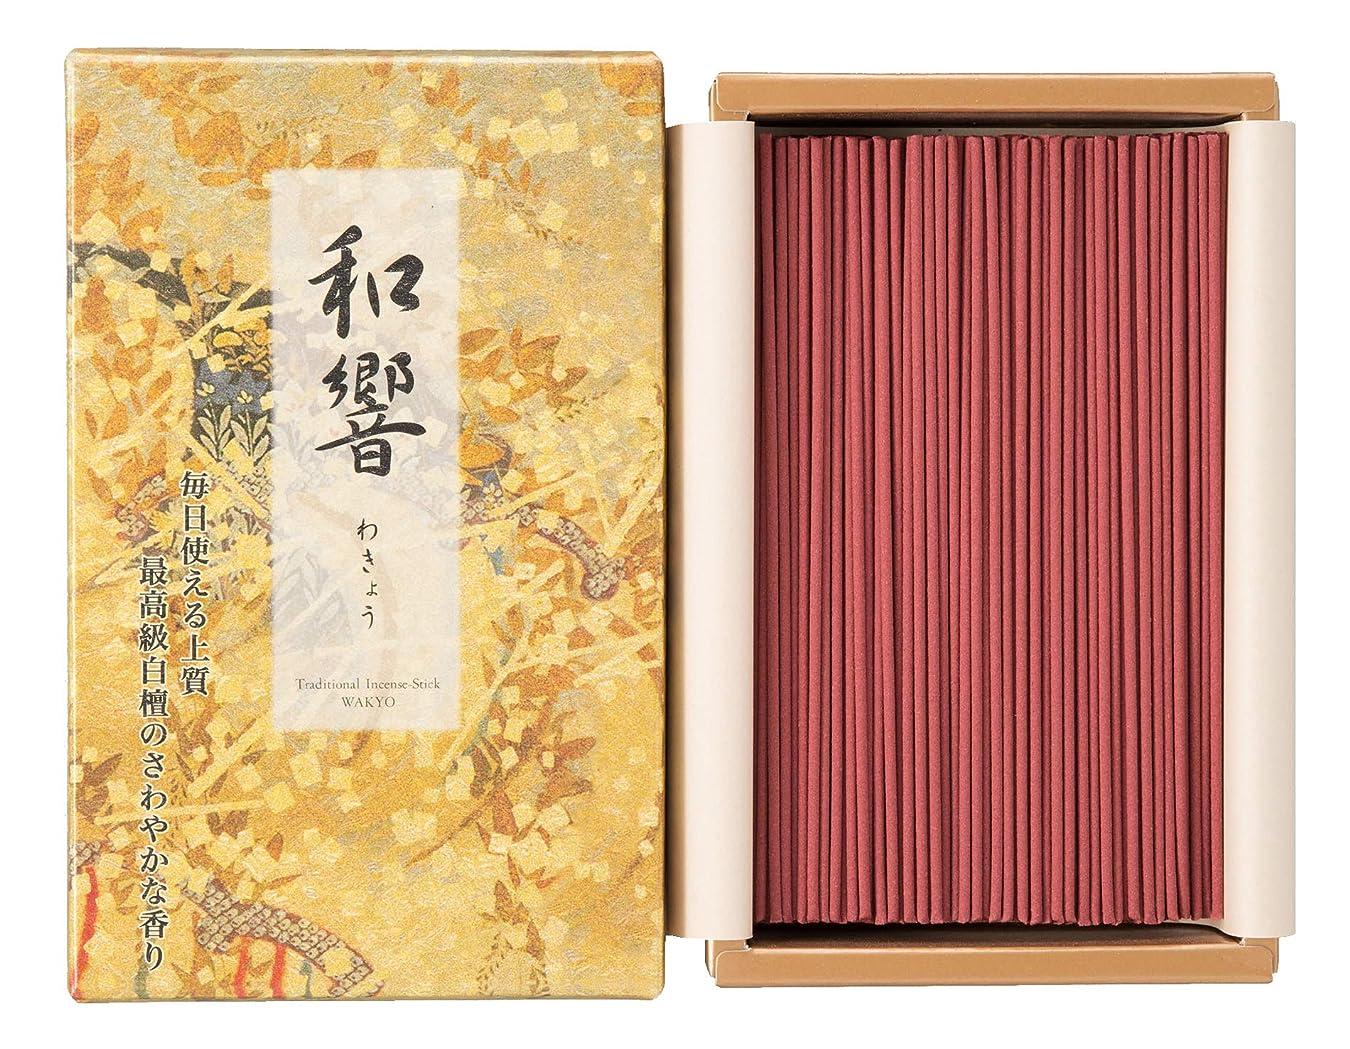 バッグ染料まさに尚林堂 和響 通常タイプ 超ミニ寸 - 6cm 59120-7040